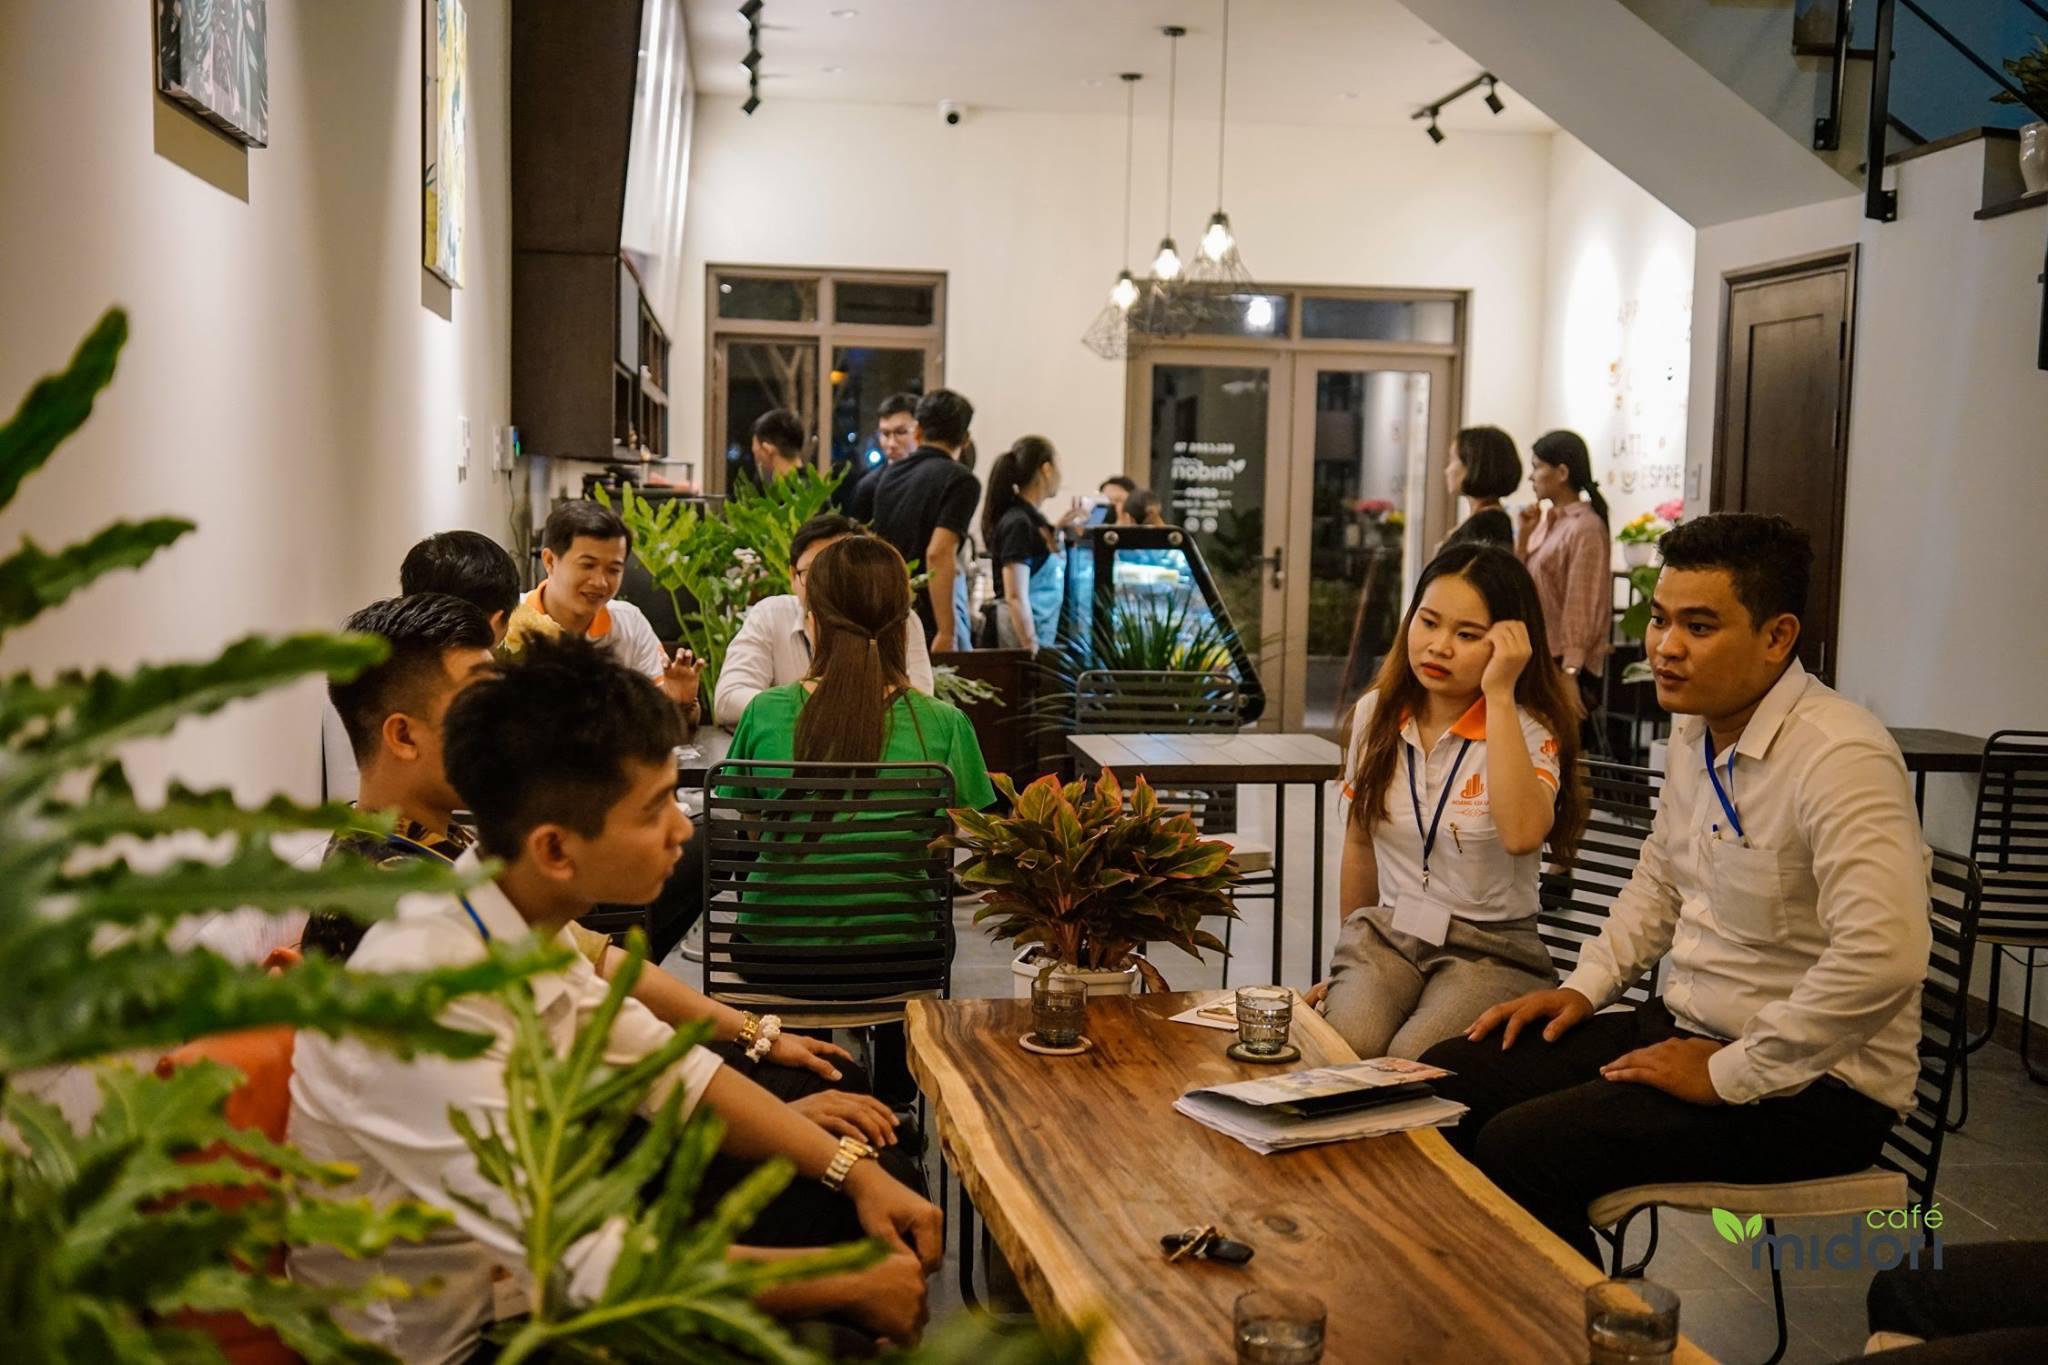 """Midori là nơi được dân """"sành"""" cafe yêu thích tại thành phố mới Bình Dương. Hình: Mdori Cafe"""